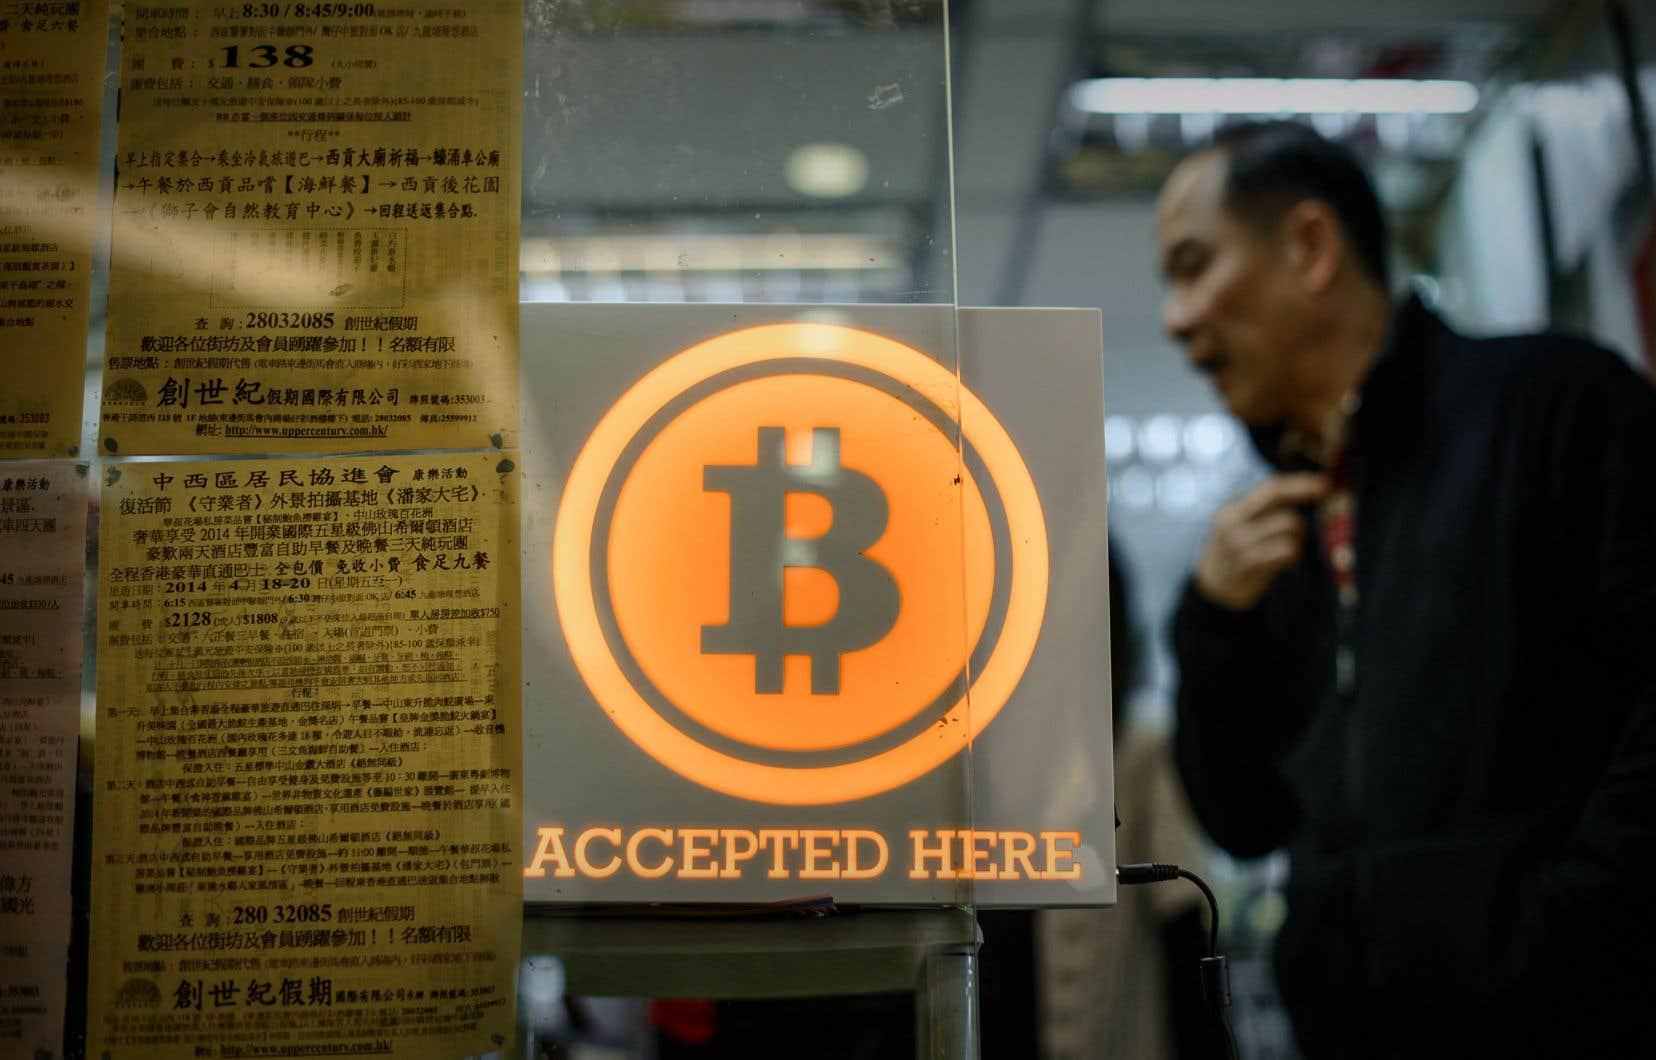 Lundi, le bitcoin perdait de nouveau près de 9% après que Pékin a décidé de couper le courant aux entreprises spécialisées dans le minage de cette monnaie virtuelle.